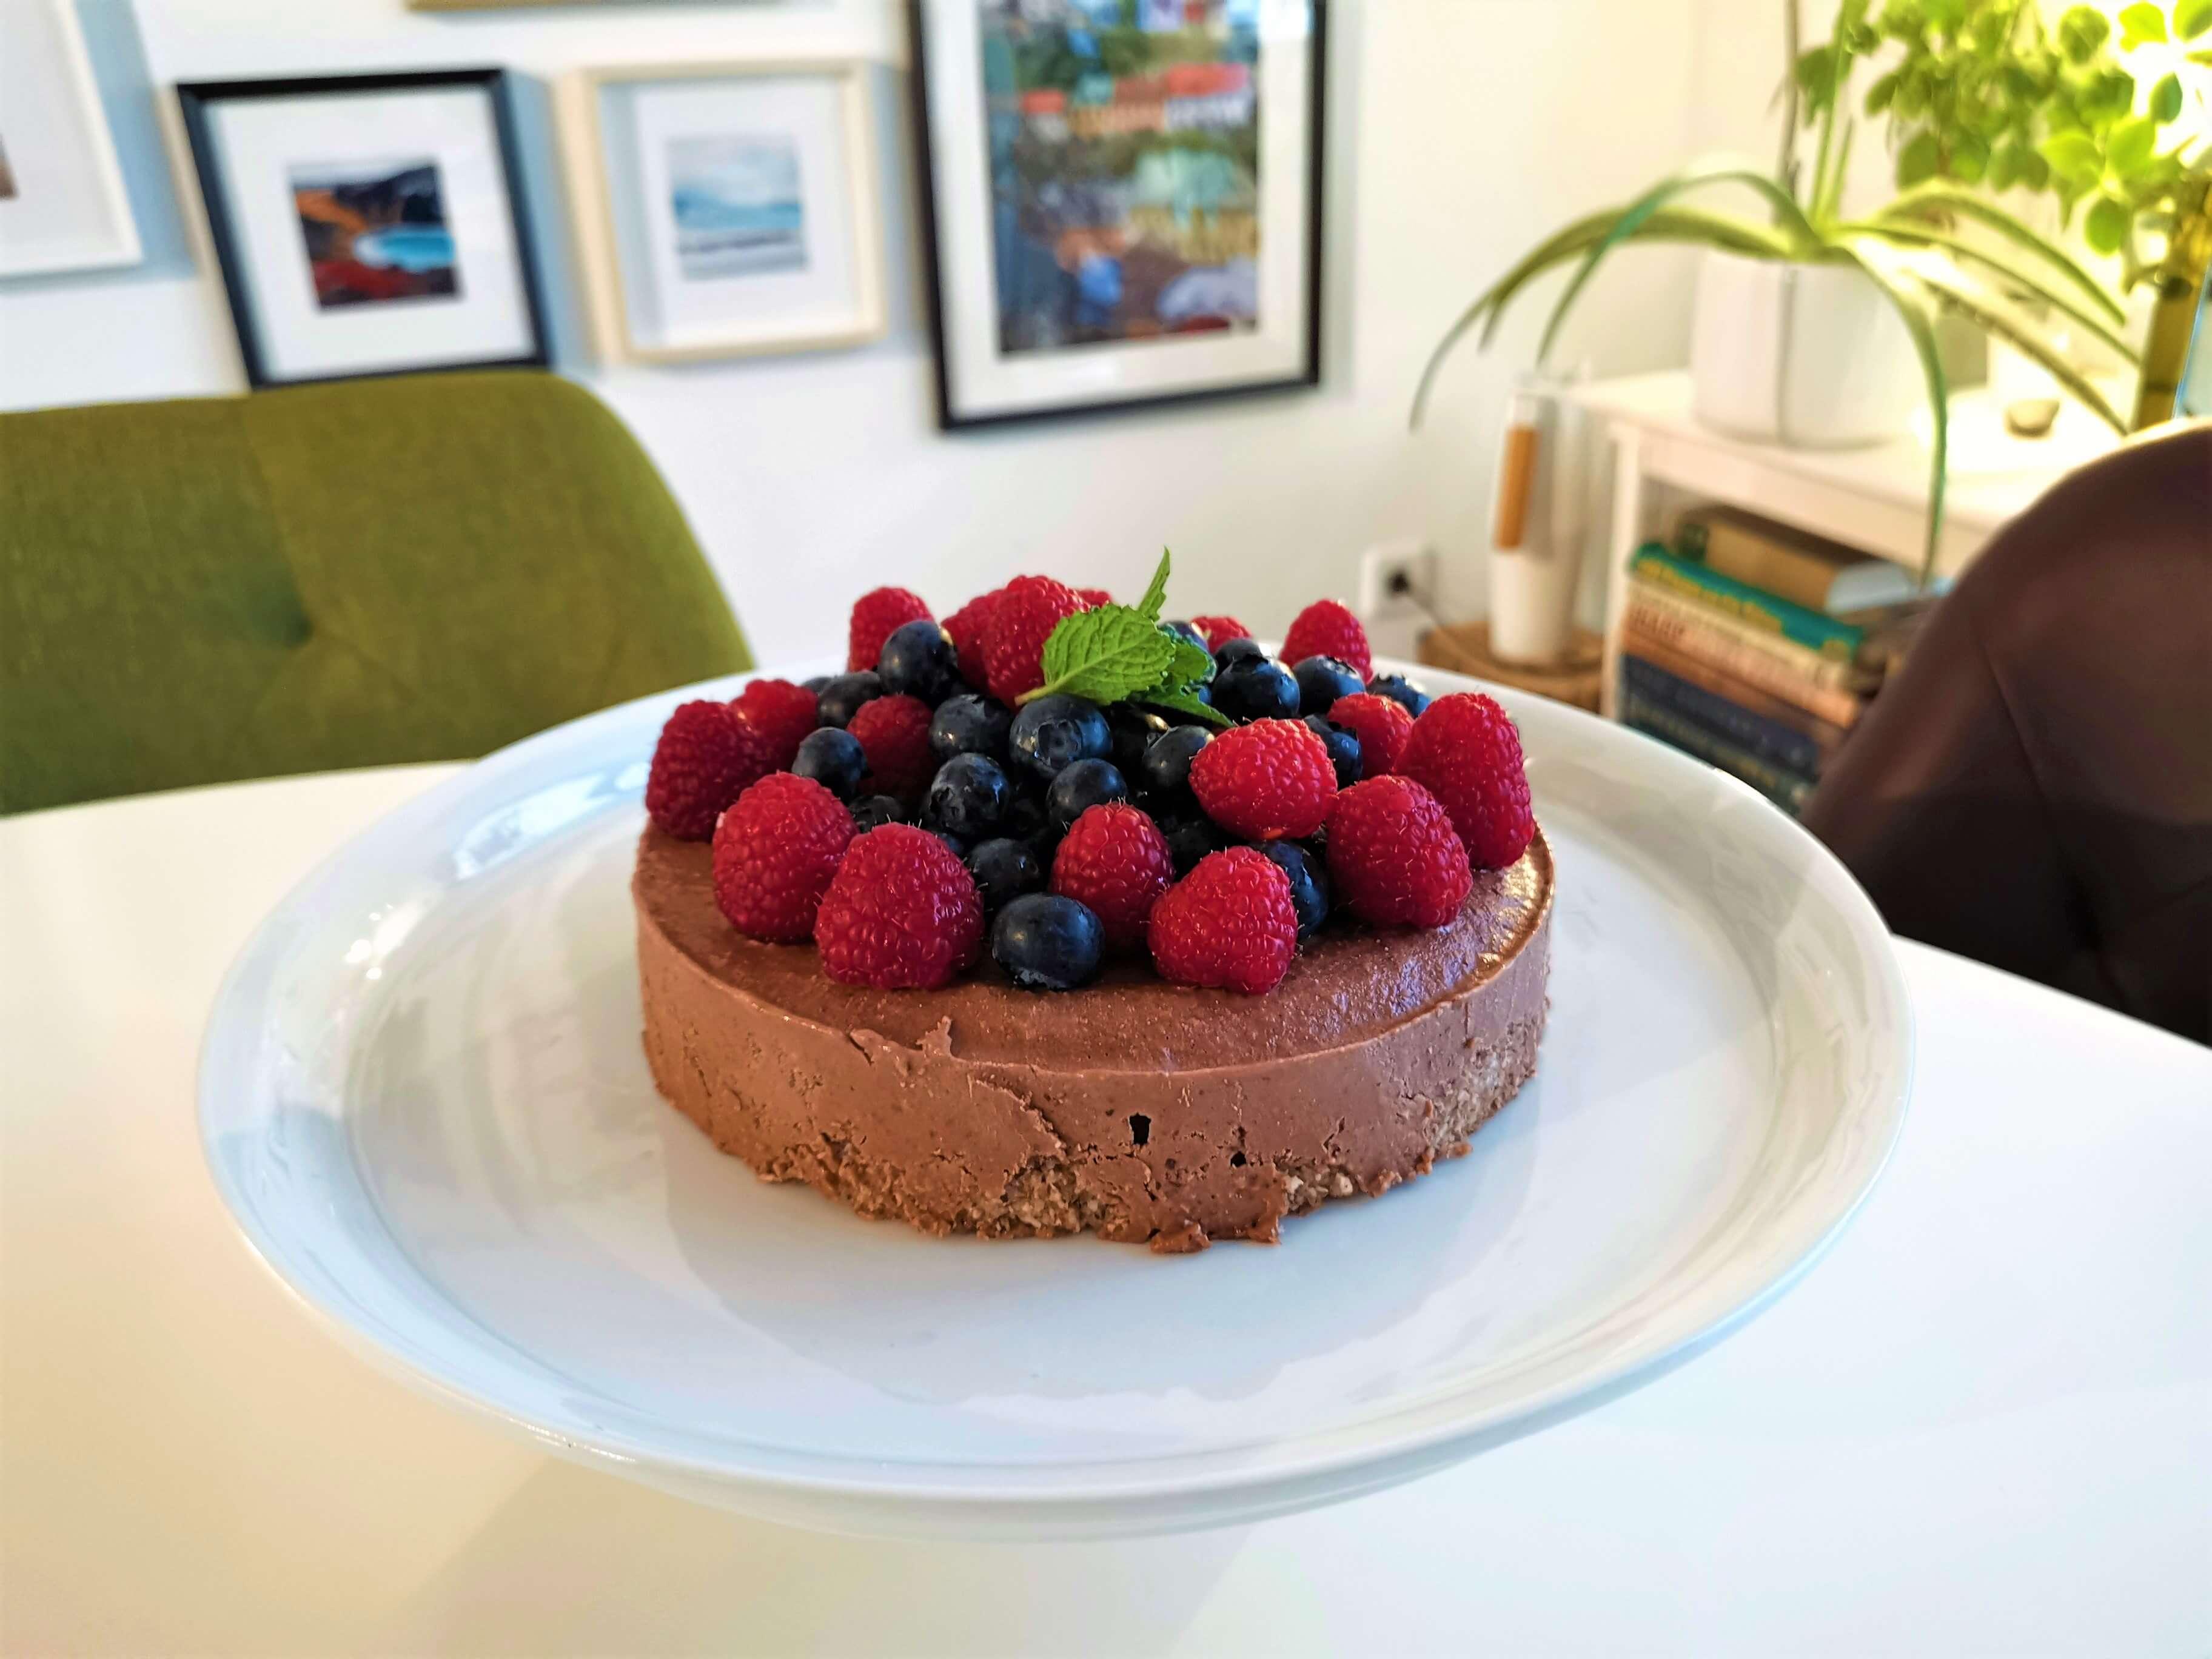 IMG 20190422 181620 1 - Hrešíme bez výčitiek - RAW torta bez cukru a múky